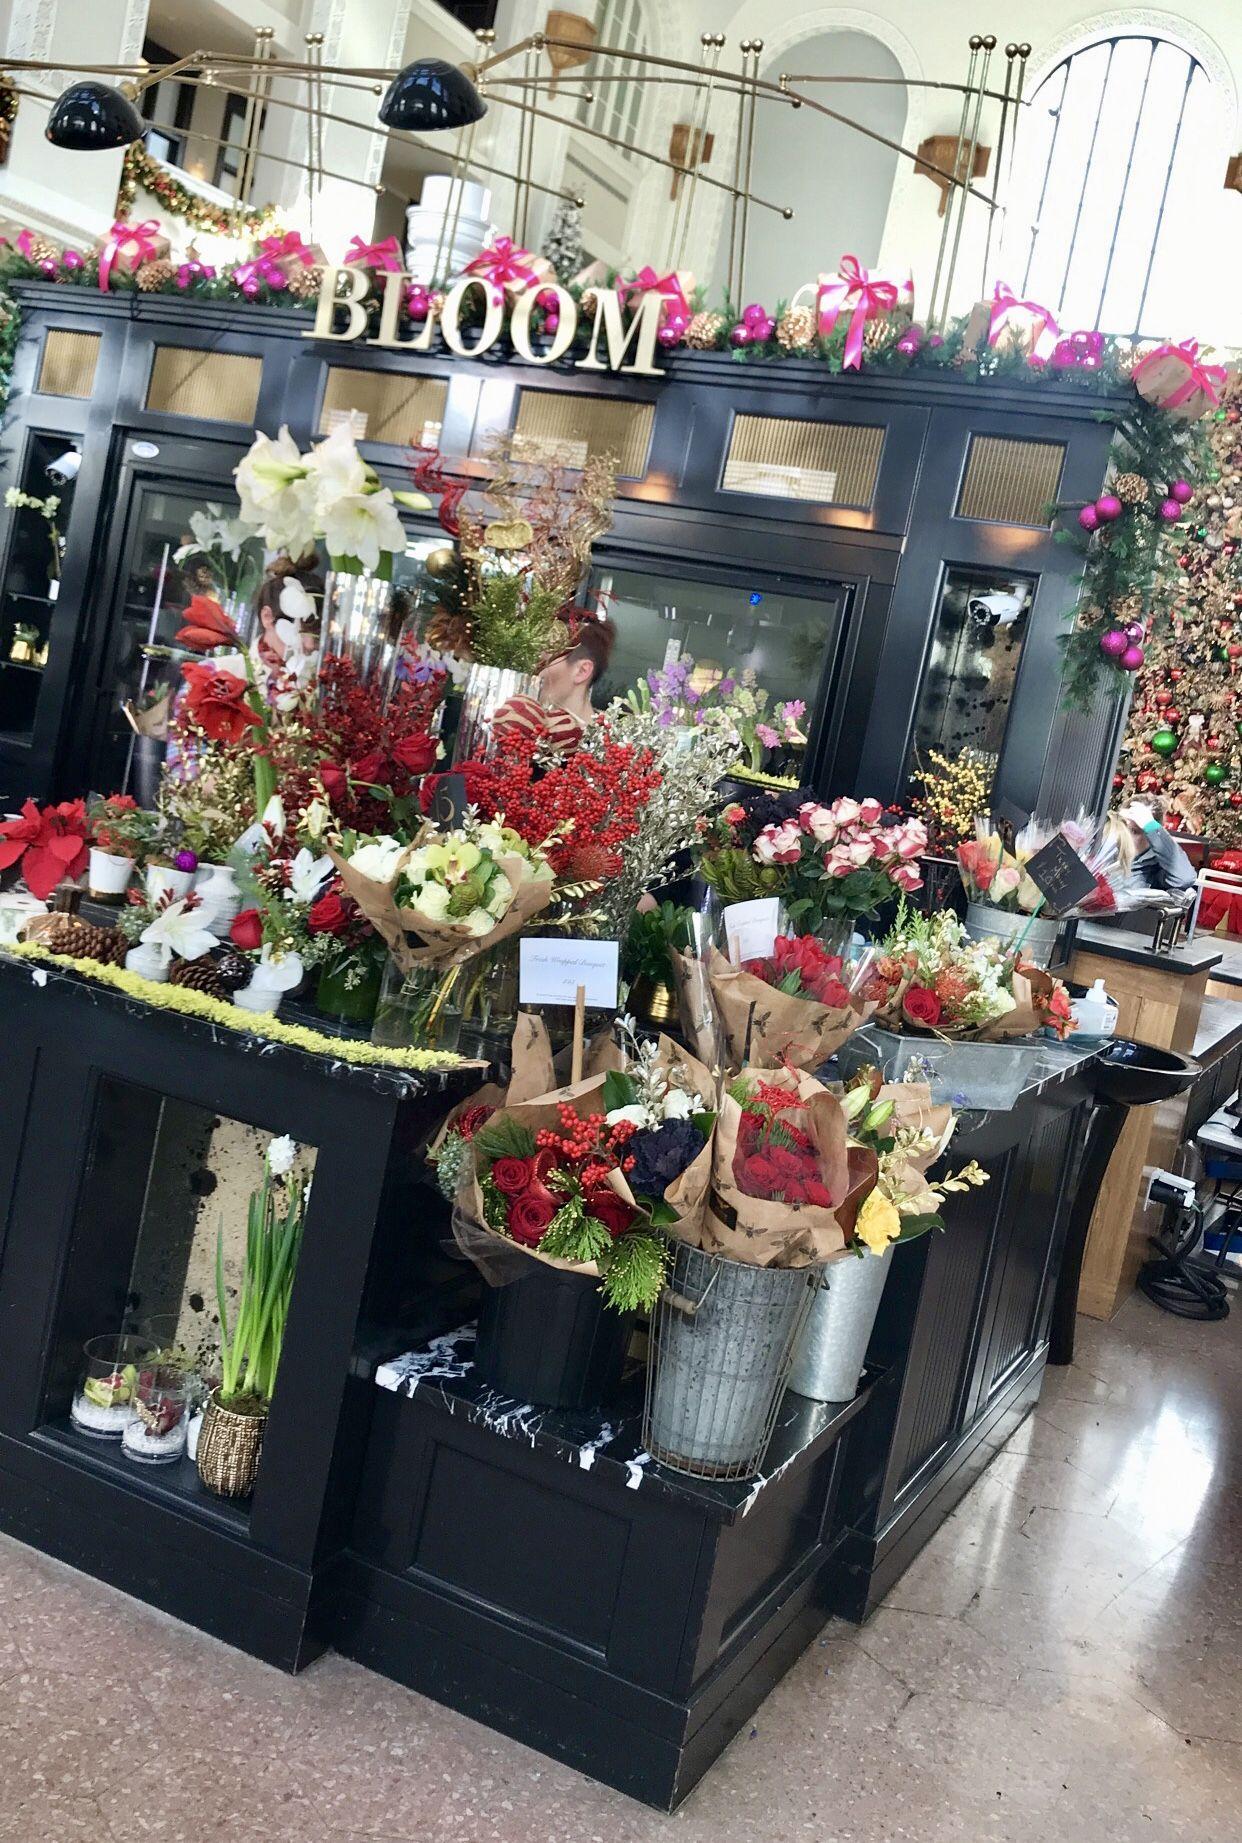 Denver union station flower shop bloom https